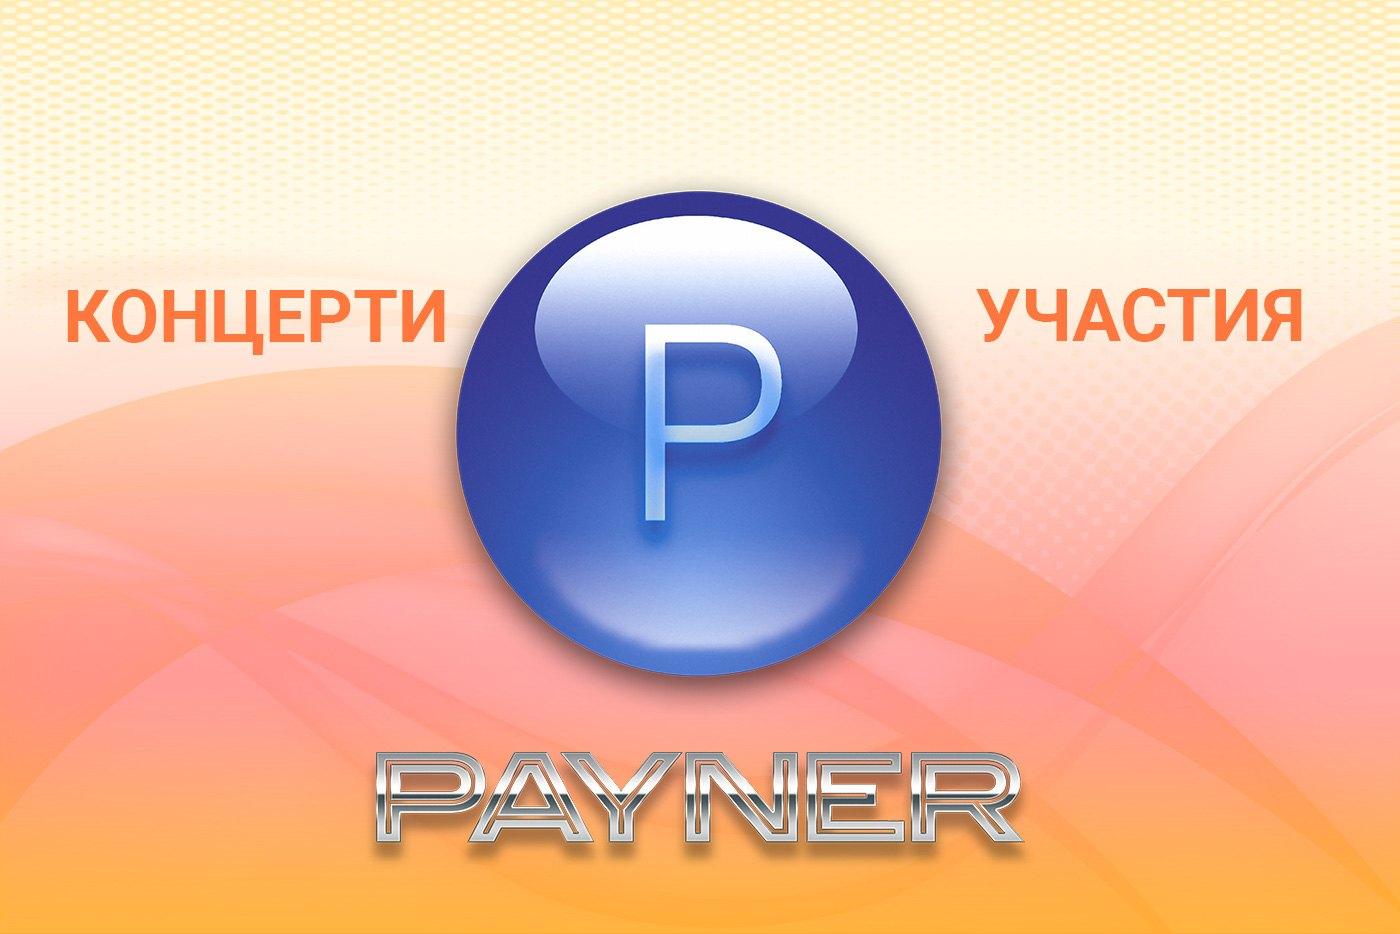 """Участия на звездите на """"Пайнер"""" на 18.01.2019"""